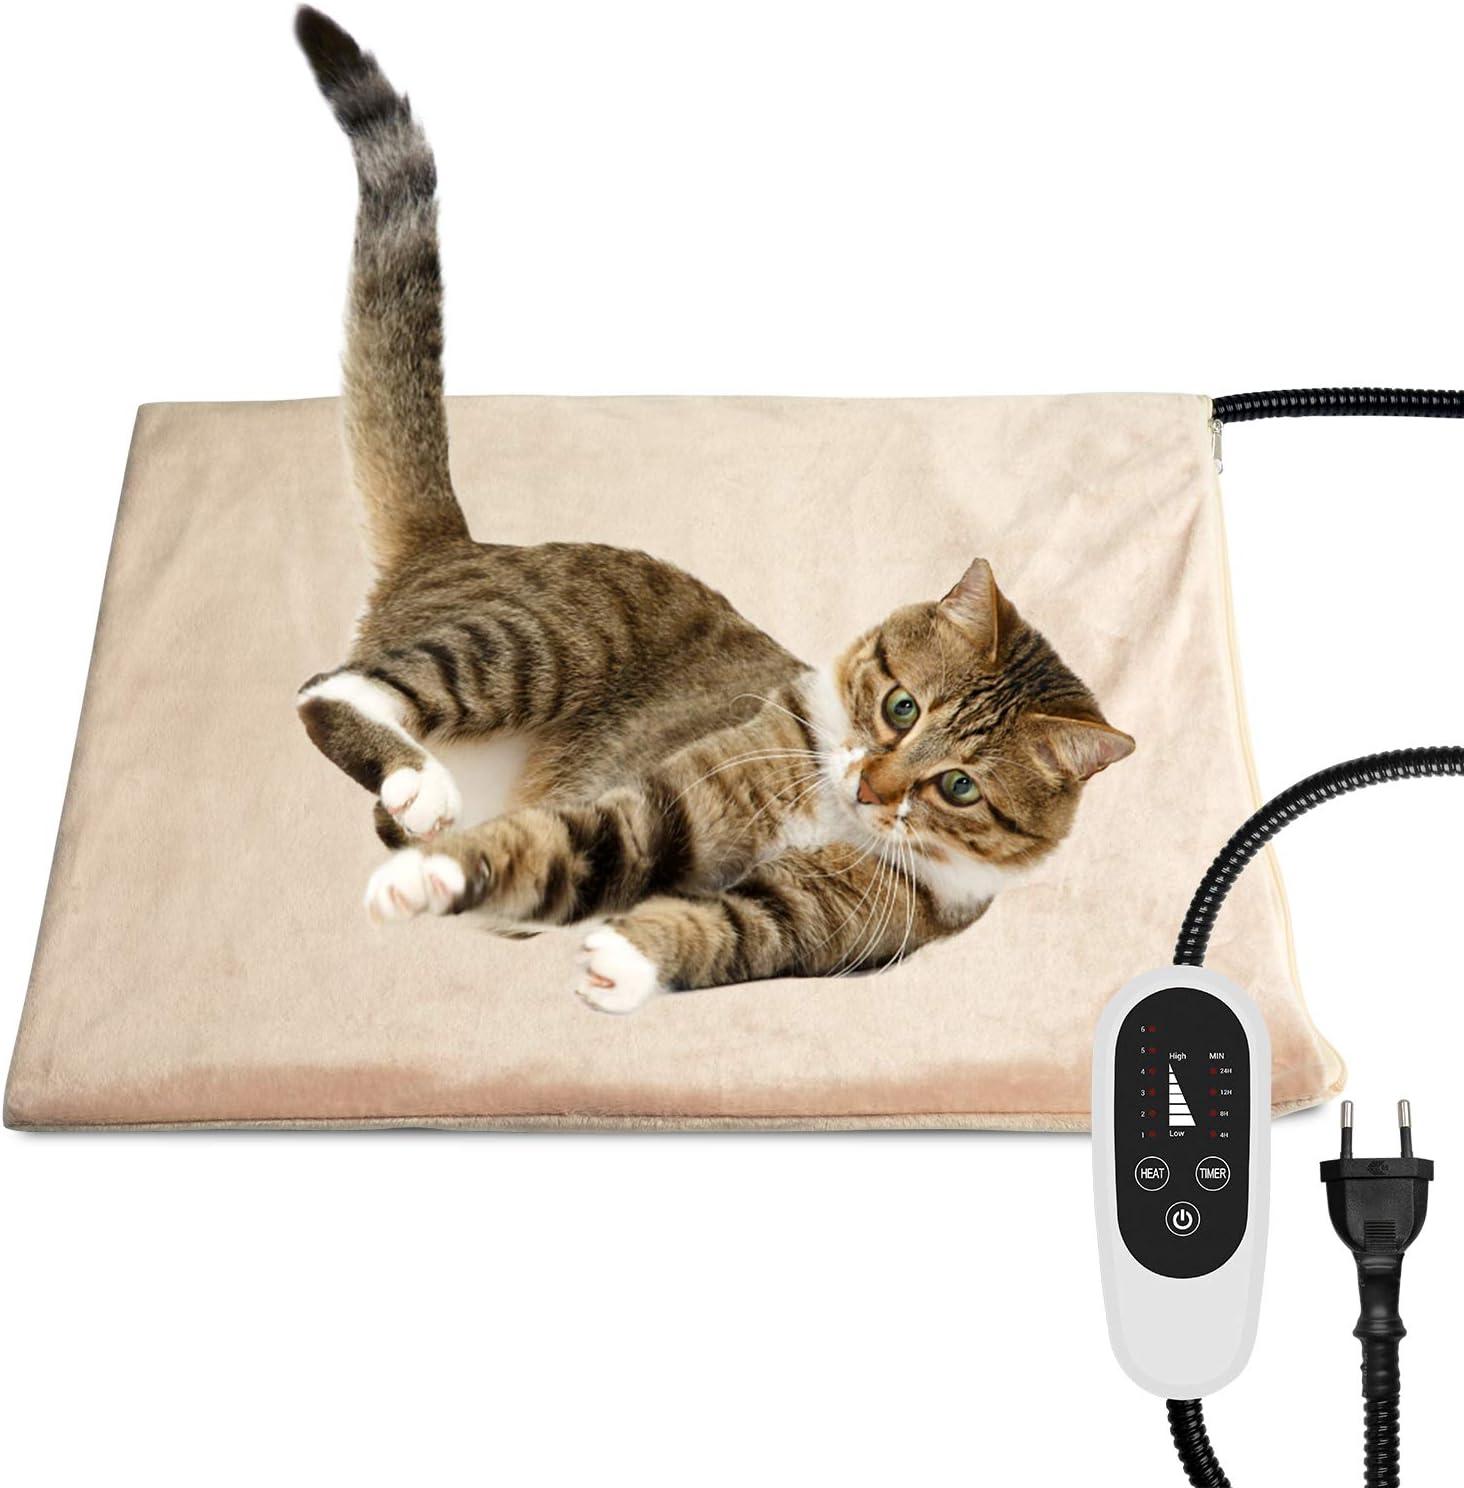 NICREW Manta Electrica para Mascotas, Almohadilla Termica para Perros y Gatos con Temporizador, Manta para Mascota con 6 Niveles Disponibles de Temperatura, 45x40 cm